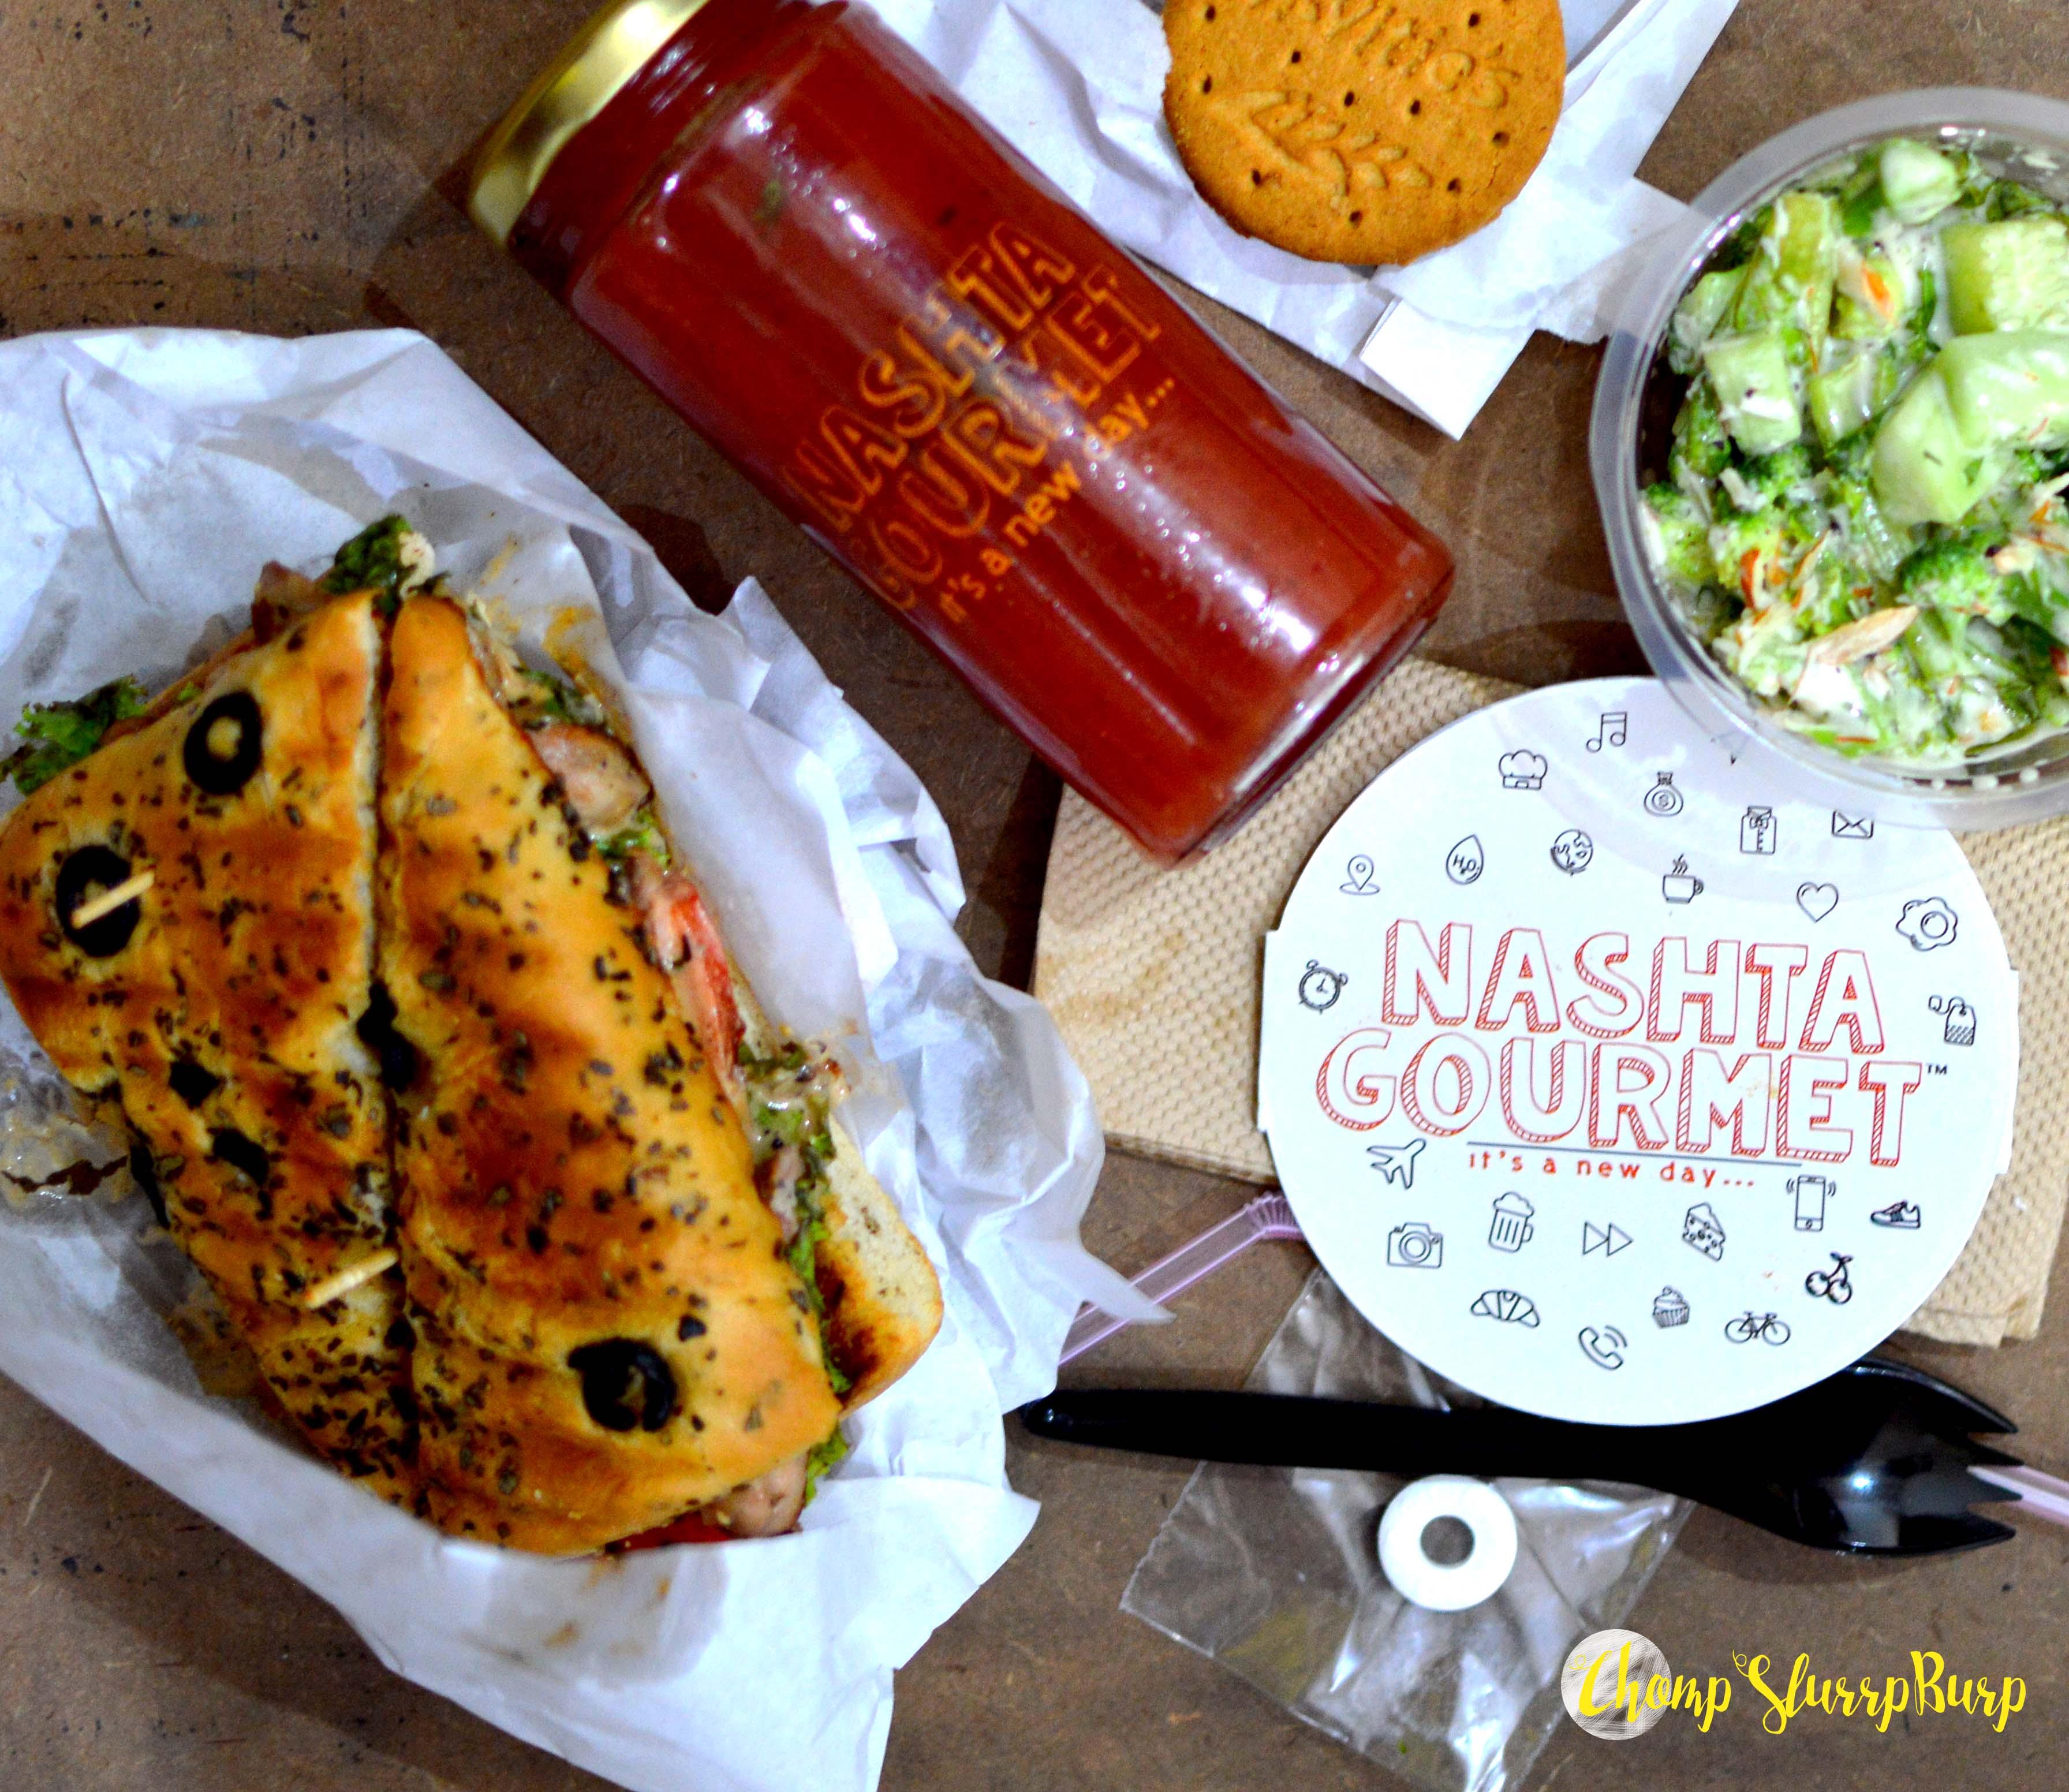 Nashta Gourmet